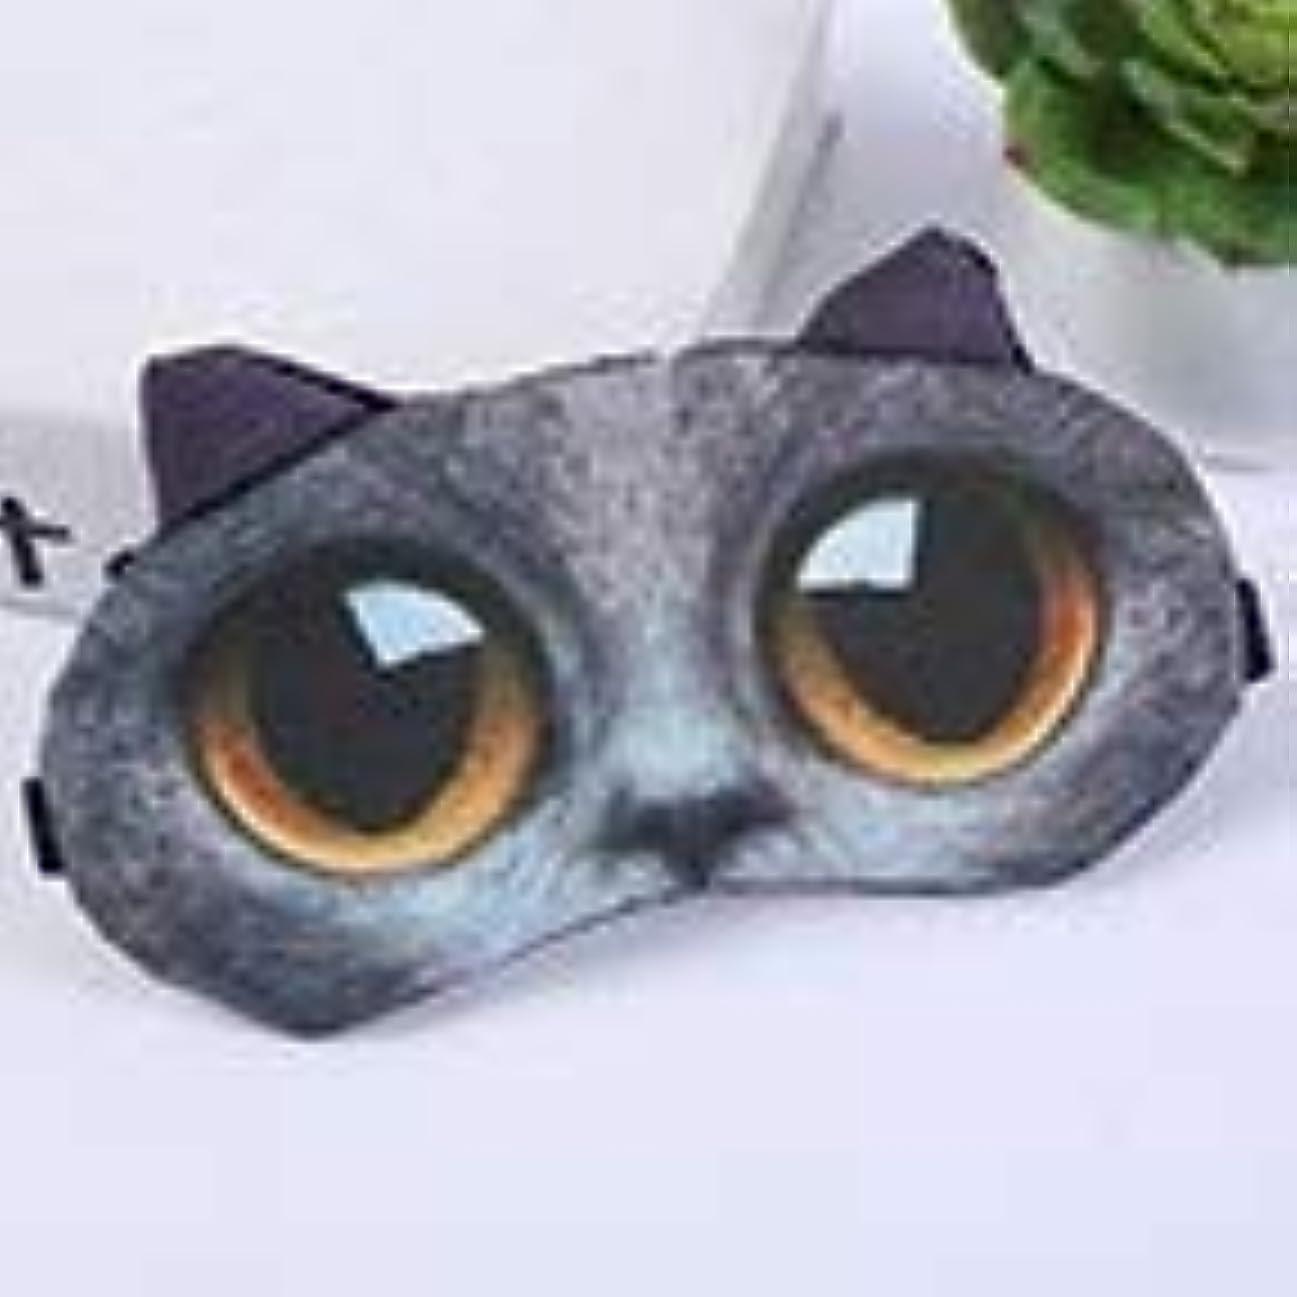 行う付属品瀬戸際NOTE 睡眠アイマスク漫画形状調節可能な動物アイパッチ目隠し女の子ラブリーカバーリラクゼーション健康睡眠マスクデバイス